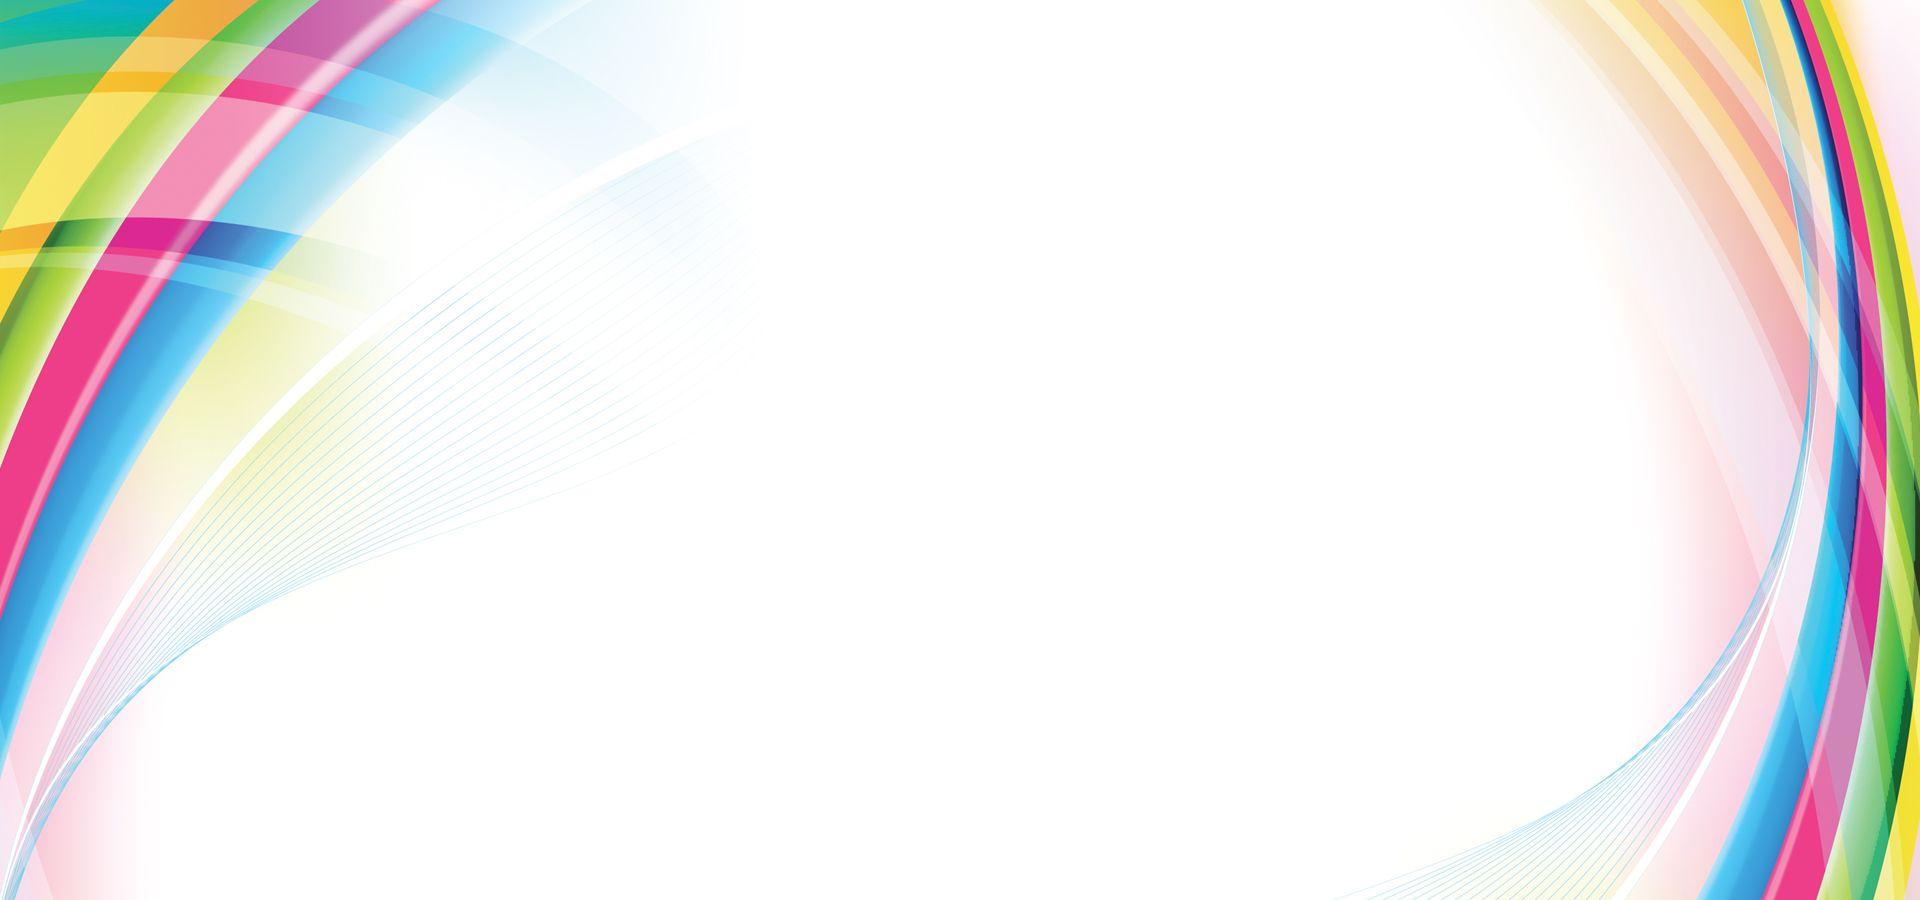 Sfondo Colorato Page Background Design Powerpoint Background Design Frames Design Graphic